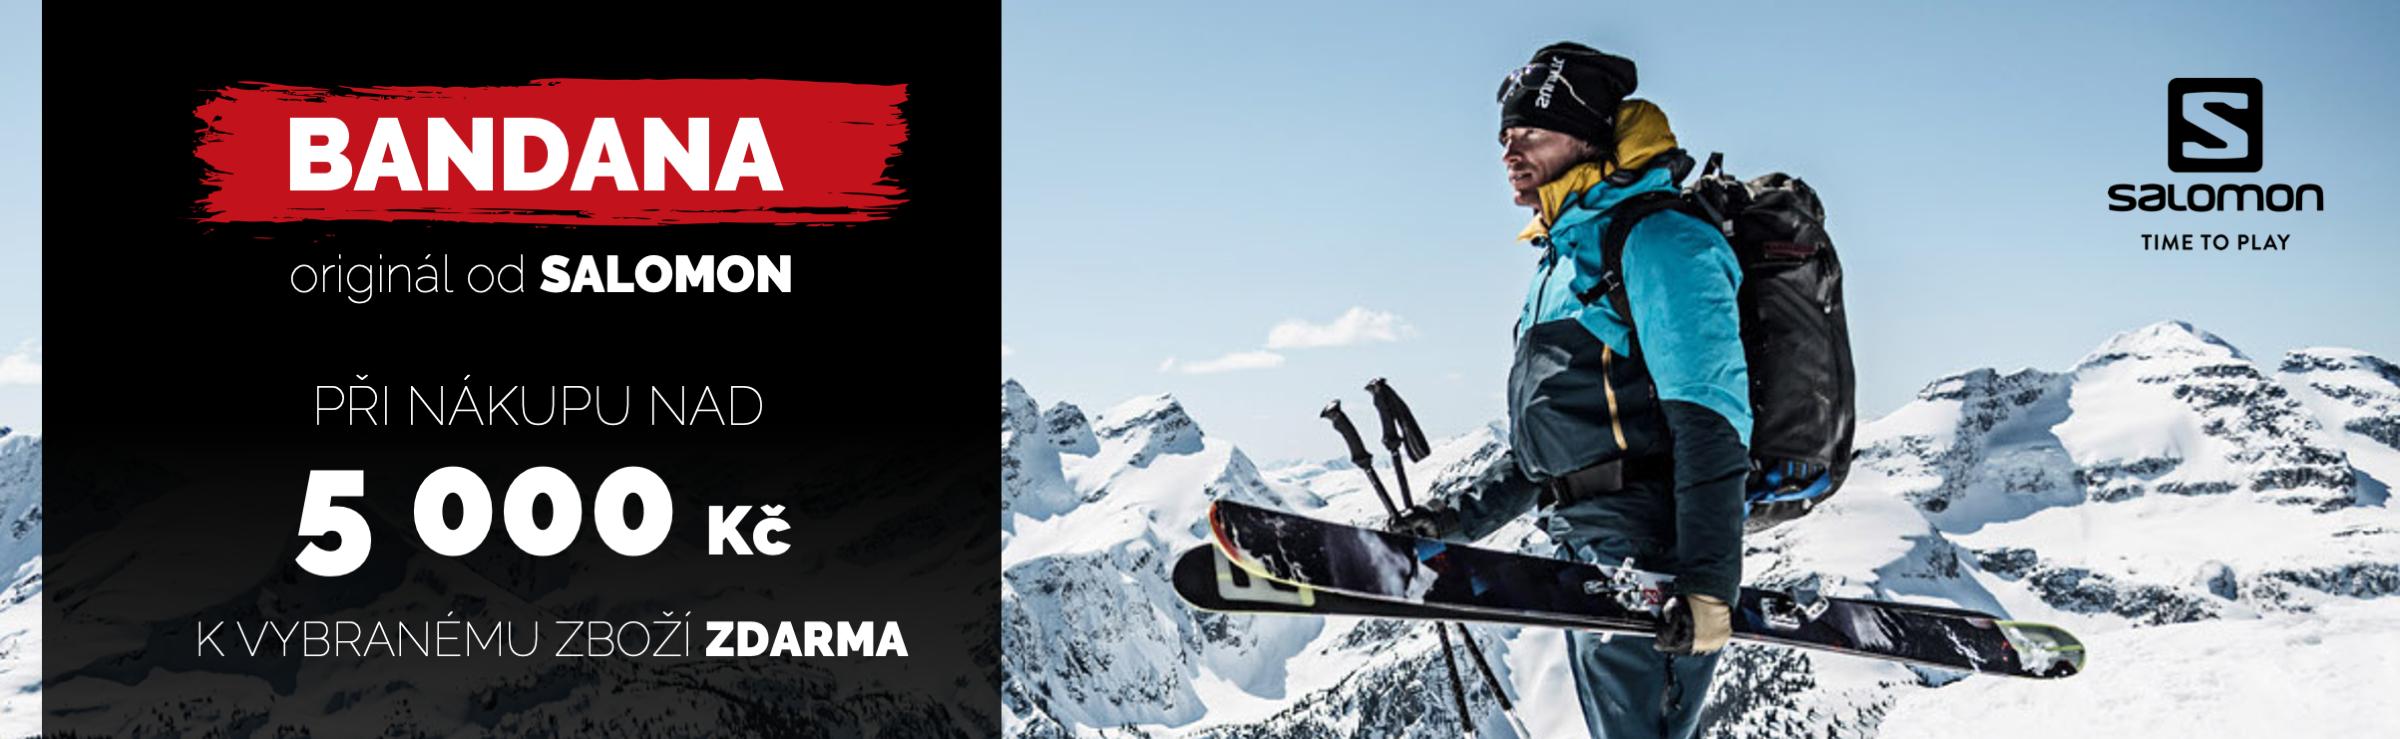 Bandana salomon k nákupu lyžařského vybavení nad 5000,-